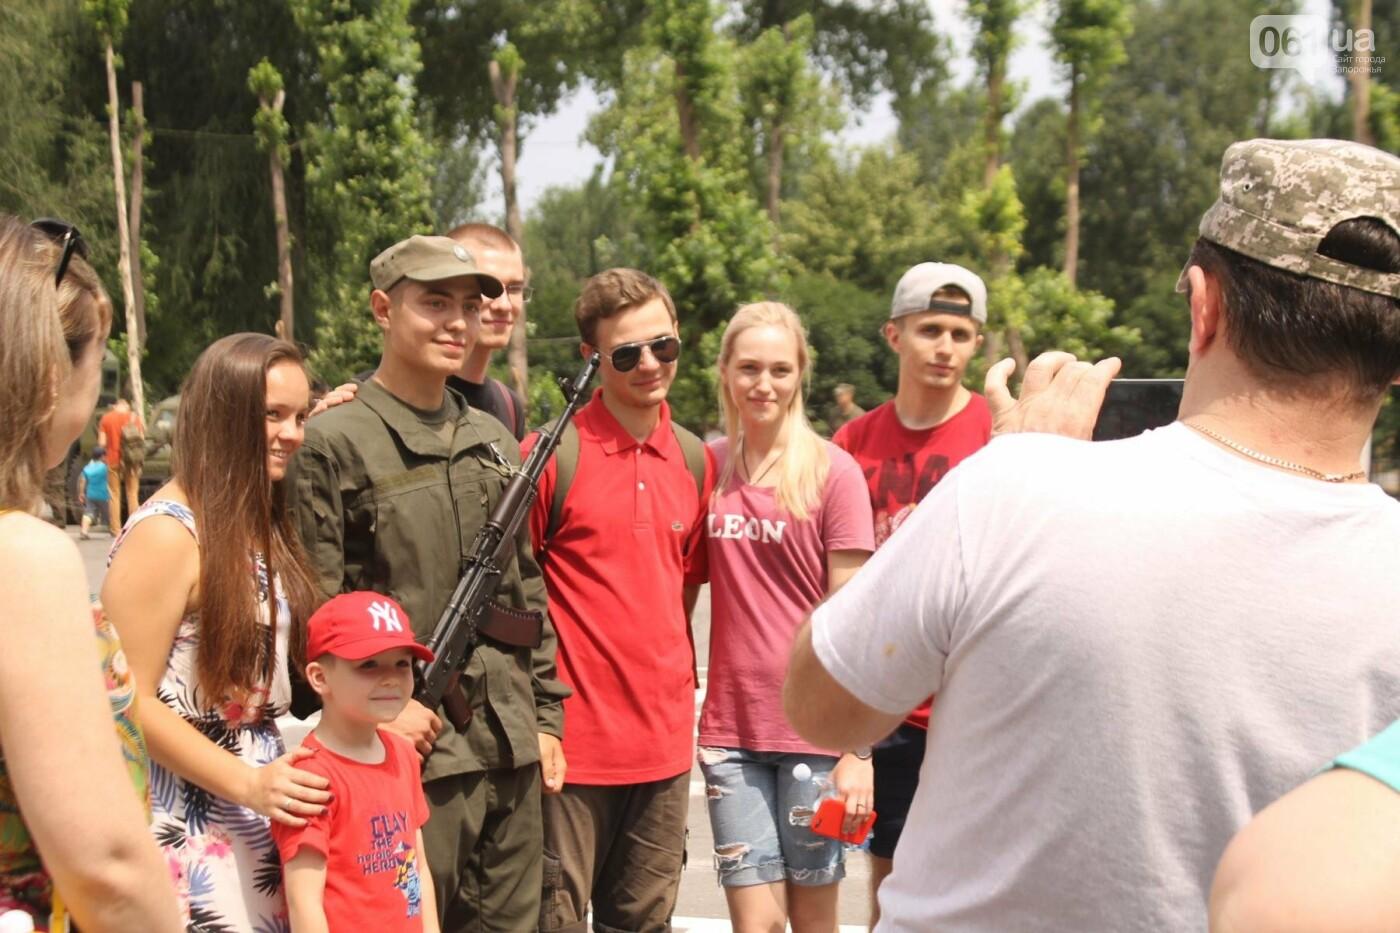 В Запорожье новобранцы Нацгвардии приняли присягу на верность Украине, – ФОТОРЕПОРТАЖ, фото-23